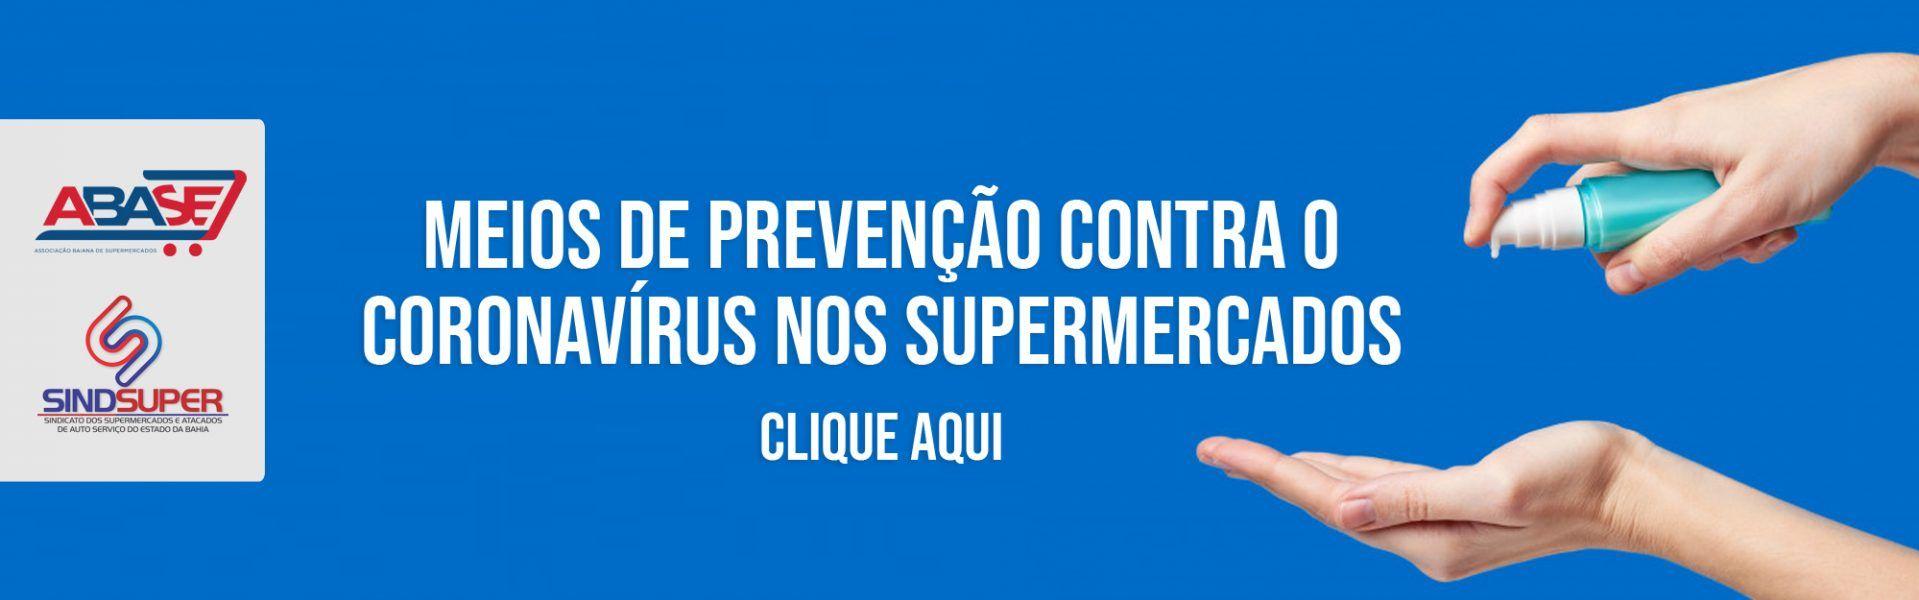 Meios de Prevenção Contra o Coronavírus nos Supermercados